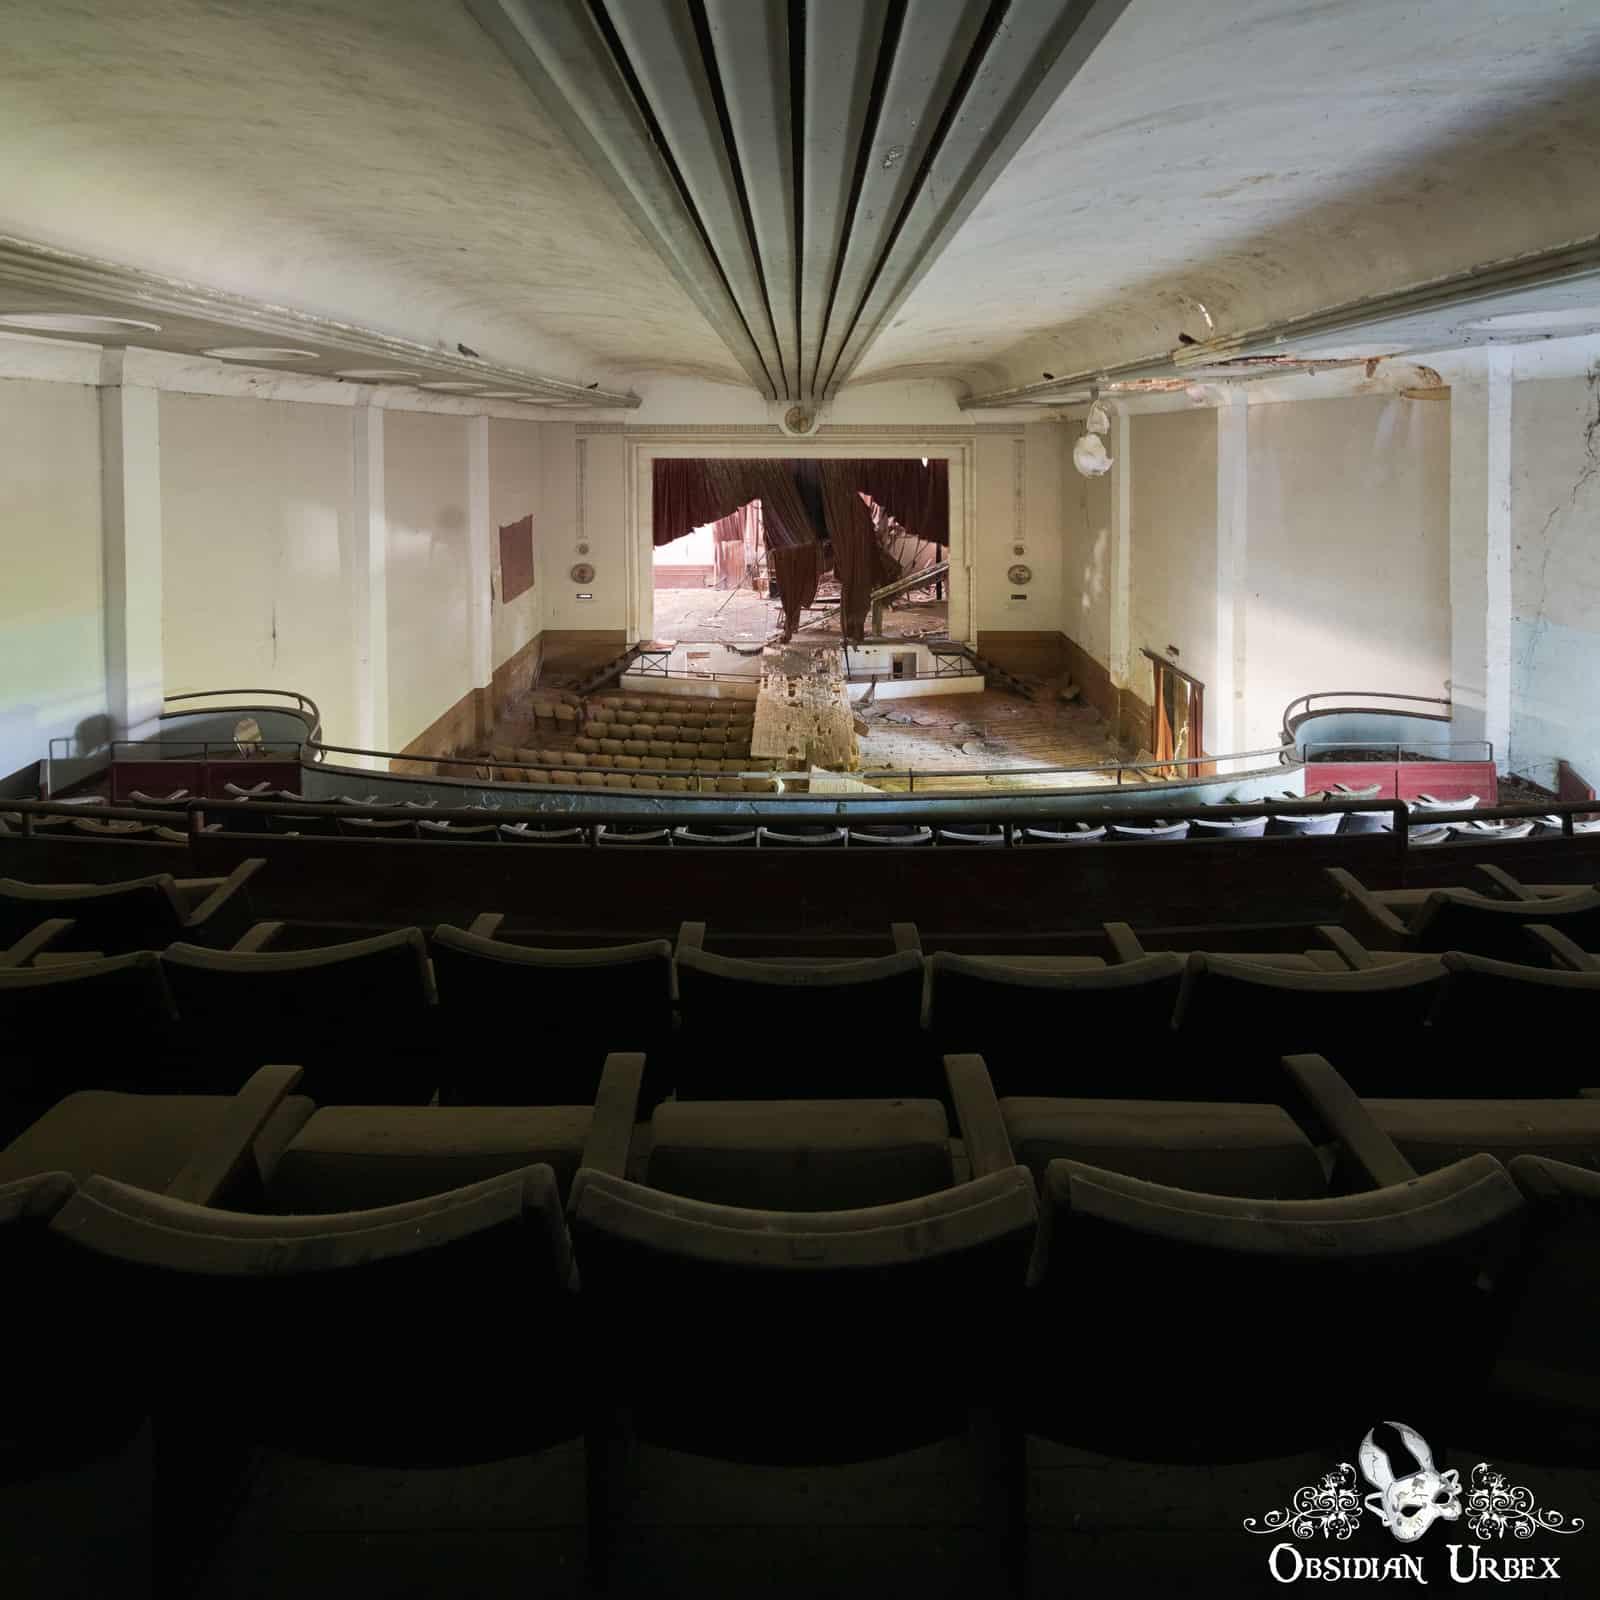 Cinema Extravaganza, Portugal